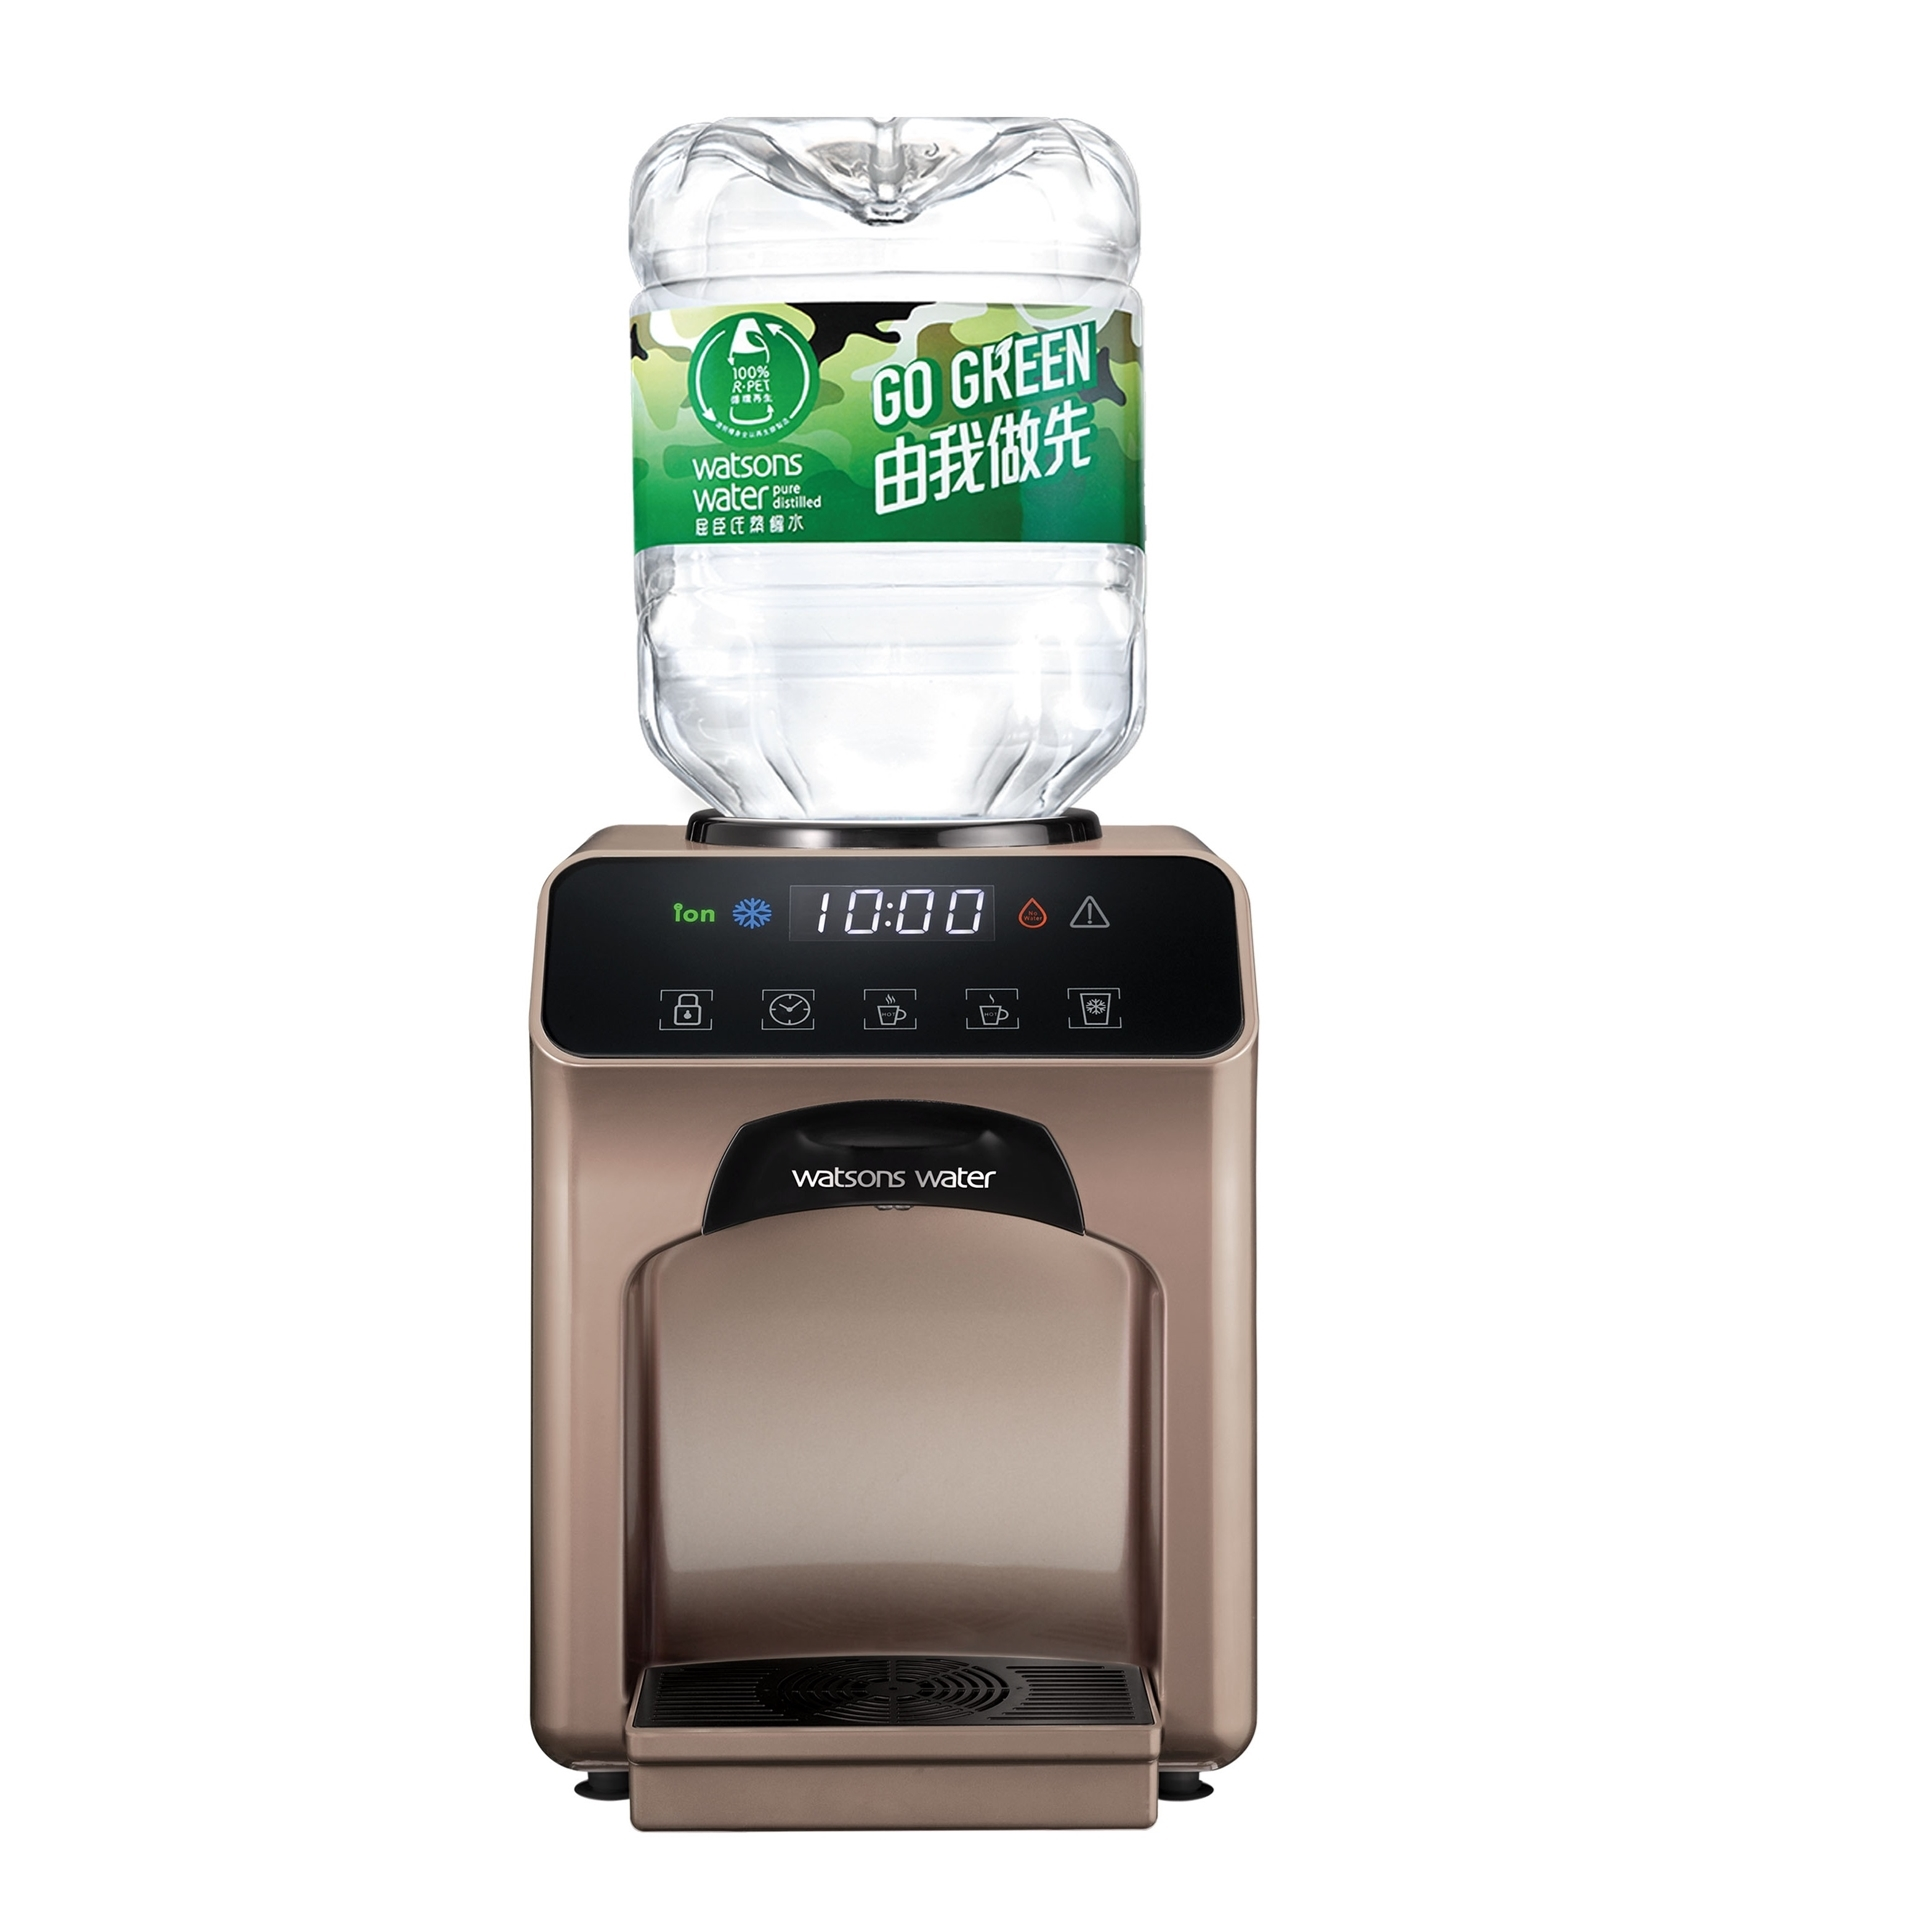 屈臣氏蒸餾水